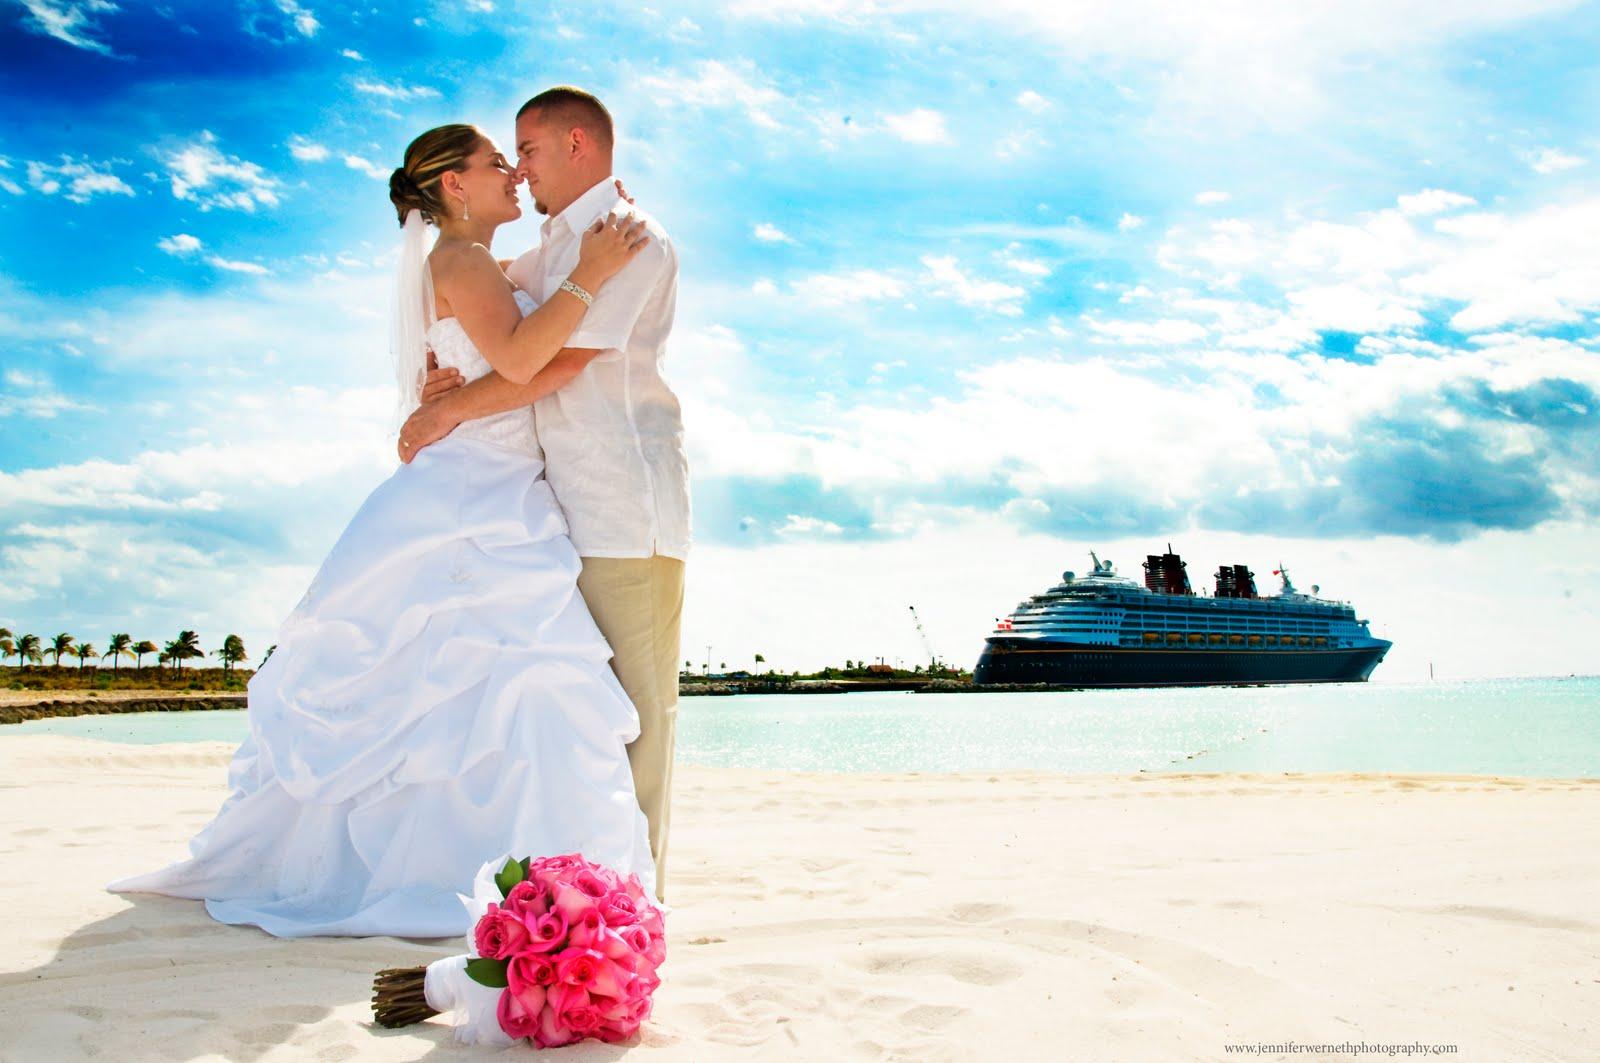 Ecuador busca convertirse en un destino para bodas y matrimonios